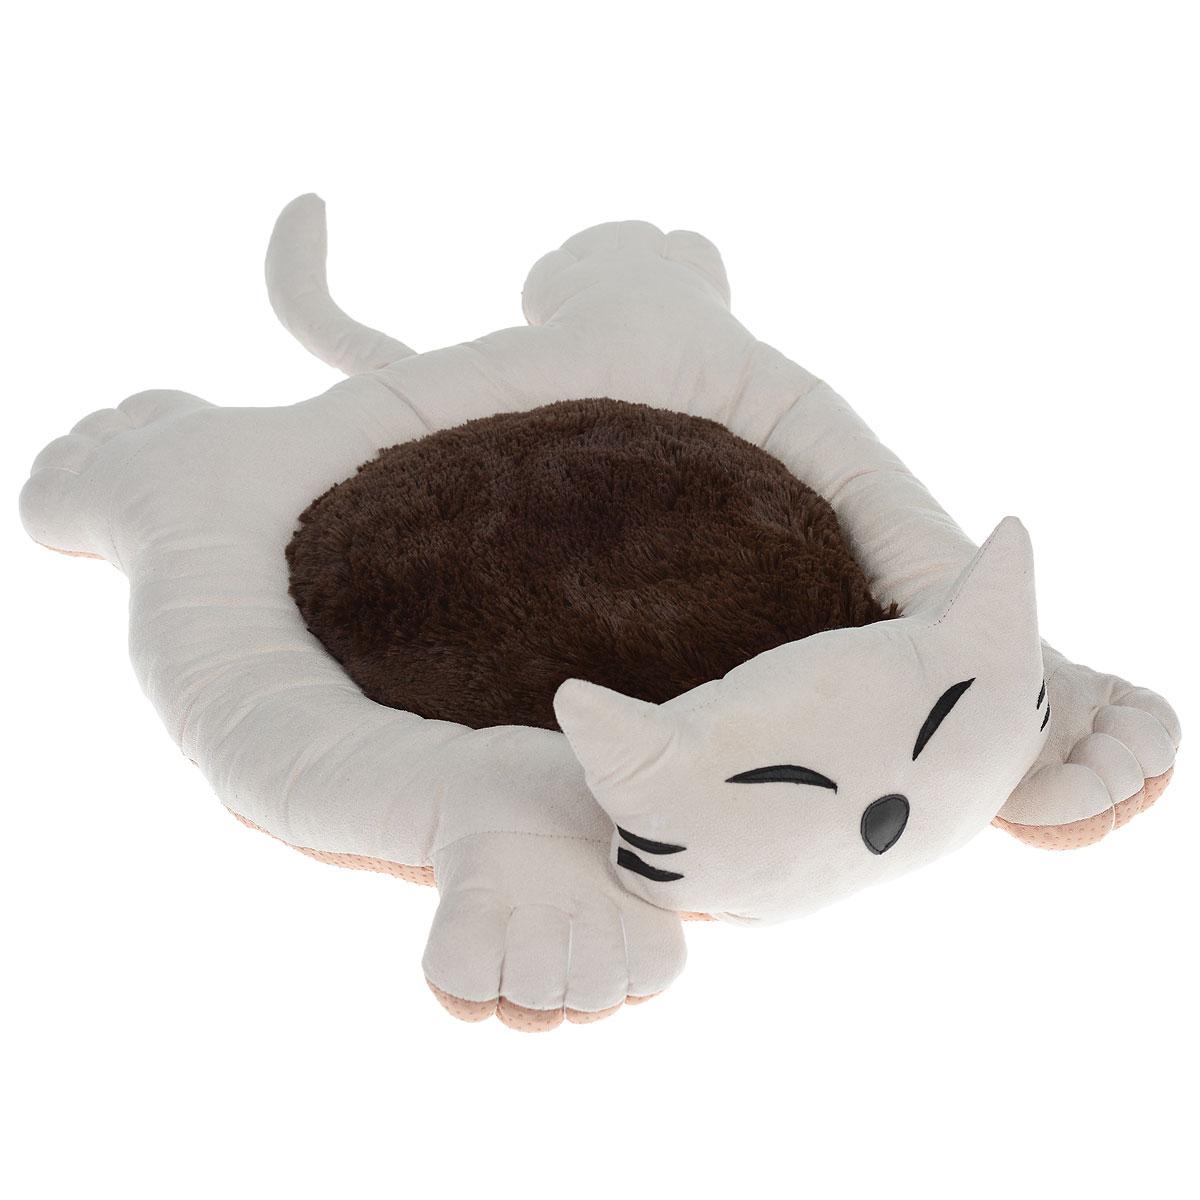 Лежак для собак и кошек I.P.T.S. Sylvester, цвет: бежевый, коричневый, 56 см х 44 см х 14,5 см0120710Мягкий и уютный лежак для кошек и собак I.P.T.S. Sylvester обязательно понравится вашему питомцу. Лежак выполнен в виде кота. Он изготовлен из нежного, приятного материала. Внутри - мягкий наполнитель, который не теряет своей формы долгое время.Мягкий, приятный и теплый лежак обеспечит вашему любимцу уют и комфорт. Подходит как для кошек, так и для маленьких, карликовых пород собак.За изделием легко ухаживать, можно стирать вручную или в стиральной машине при температуре 30°С. Материал бортиков: искусственная замша.Материал матрасика: плюш.Наполнитель: полифибер.Товар сертифицирован.